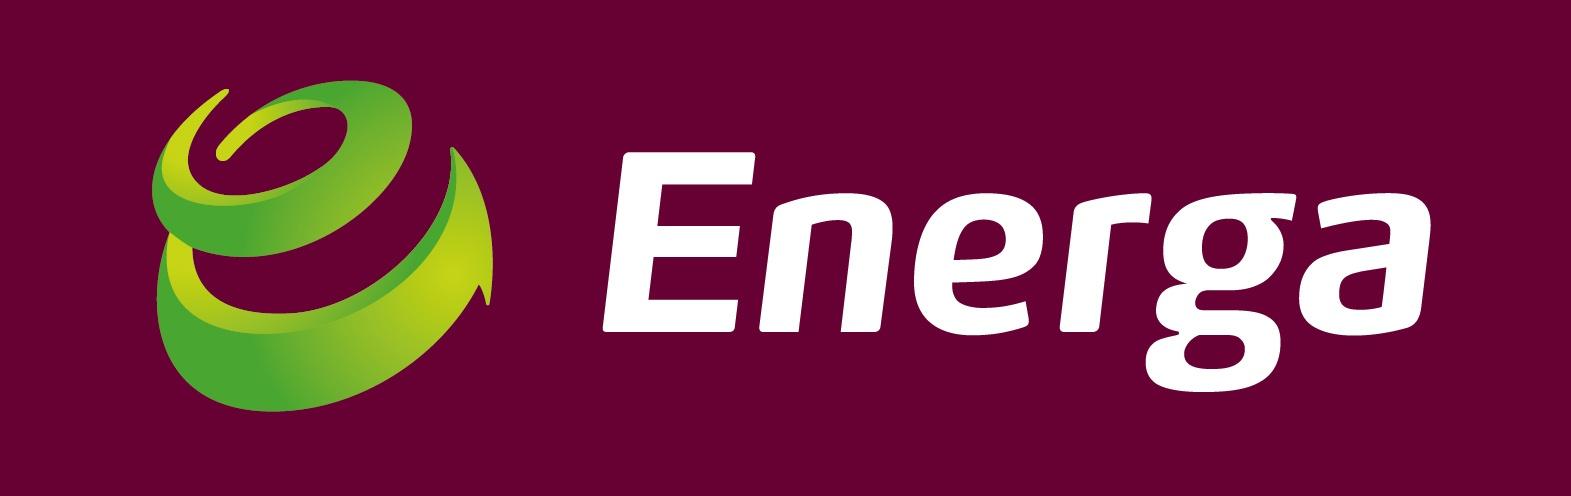 energasa_logo-uzup-a-3kol-invers01